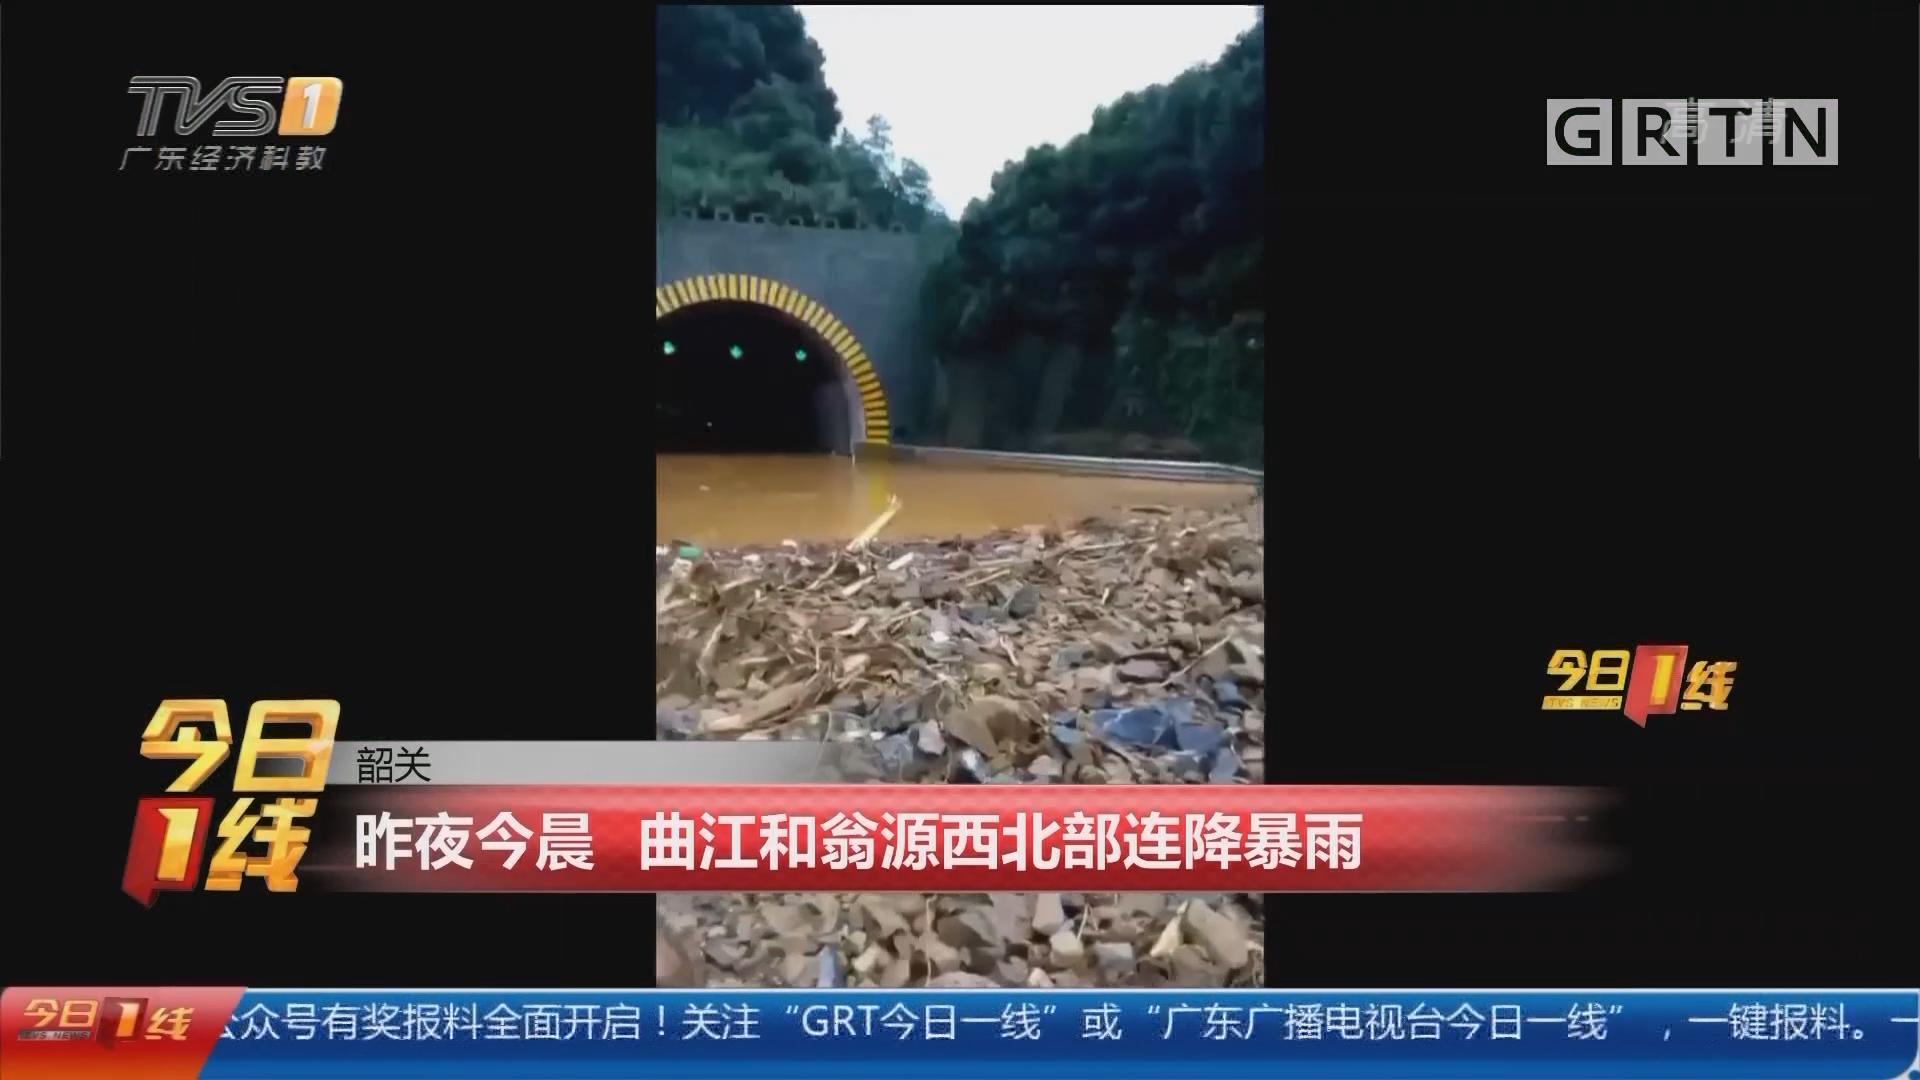 韶关:昨夜今晨 曲江和翁源西北部连降暴雨